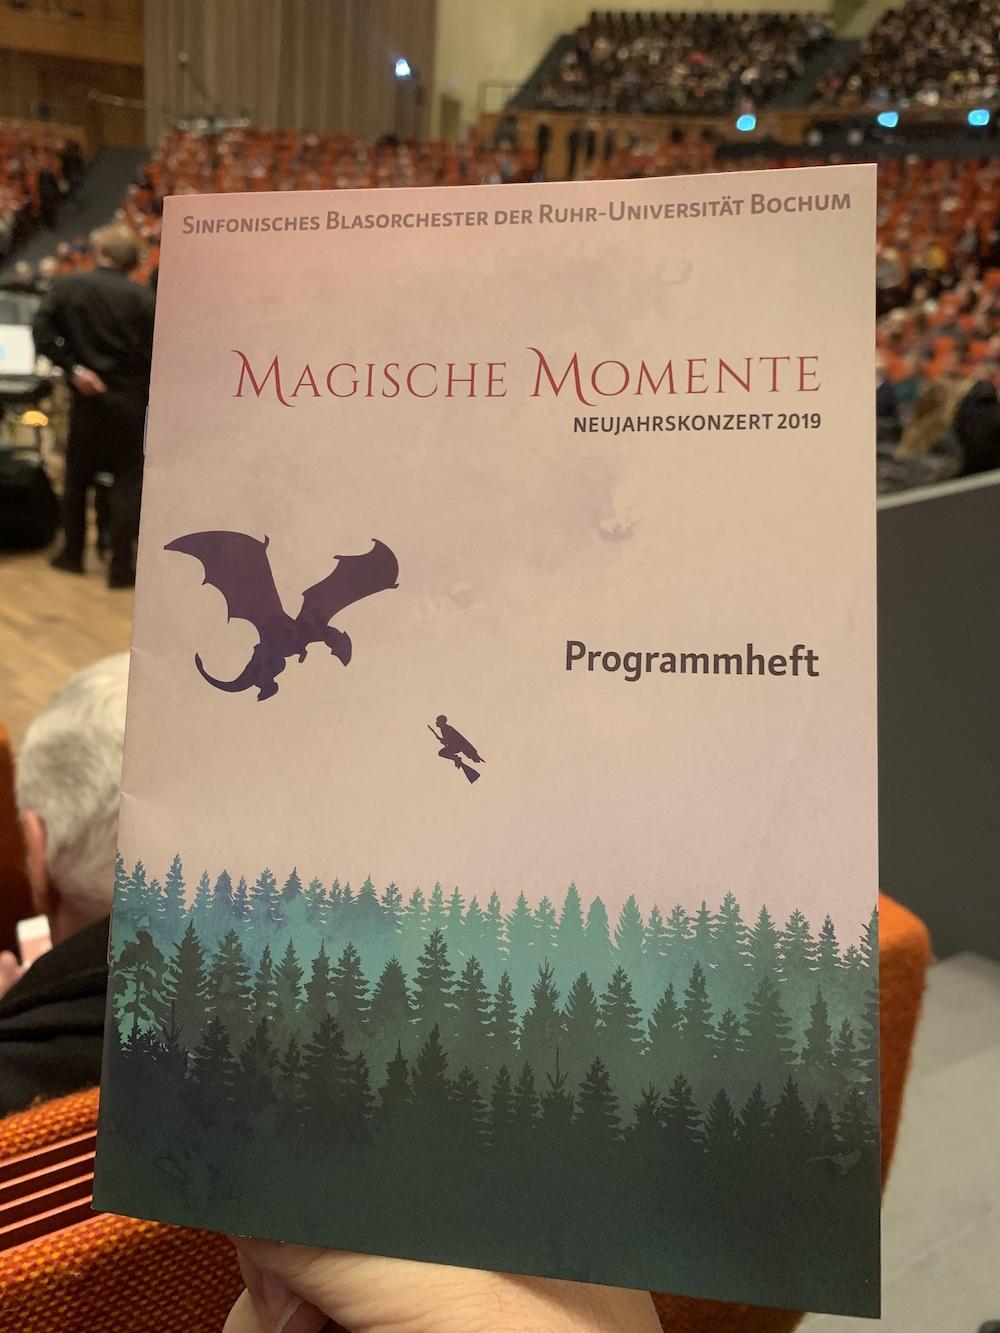 Unbedingt hin! #MagischeMomente: Das Neujahrskonzert 2019 des SBR (Sinfonischen Blasorchester der Ruhr-Universität Bochum) – heute: 17 Uhr